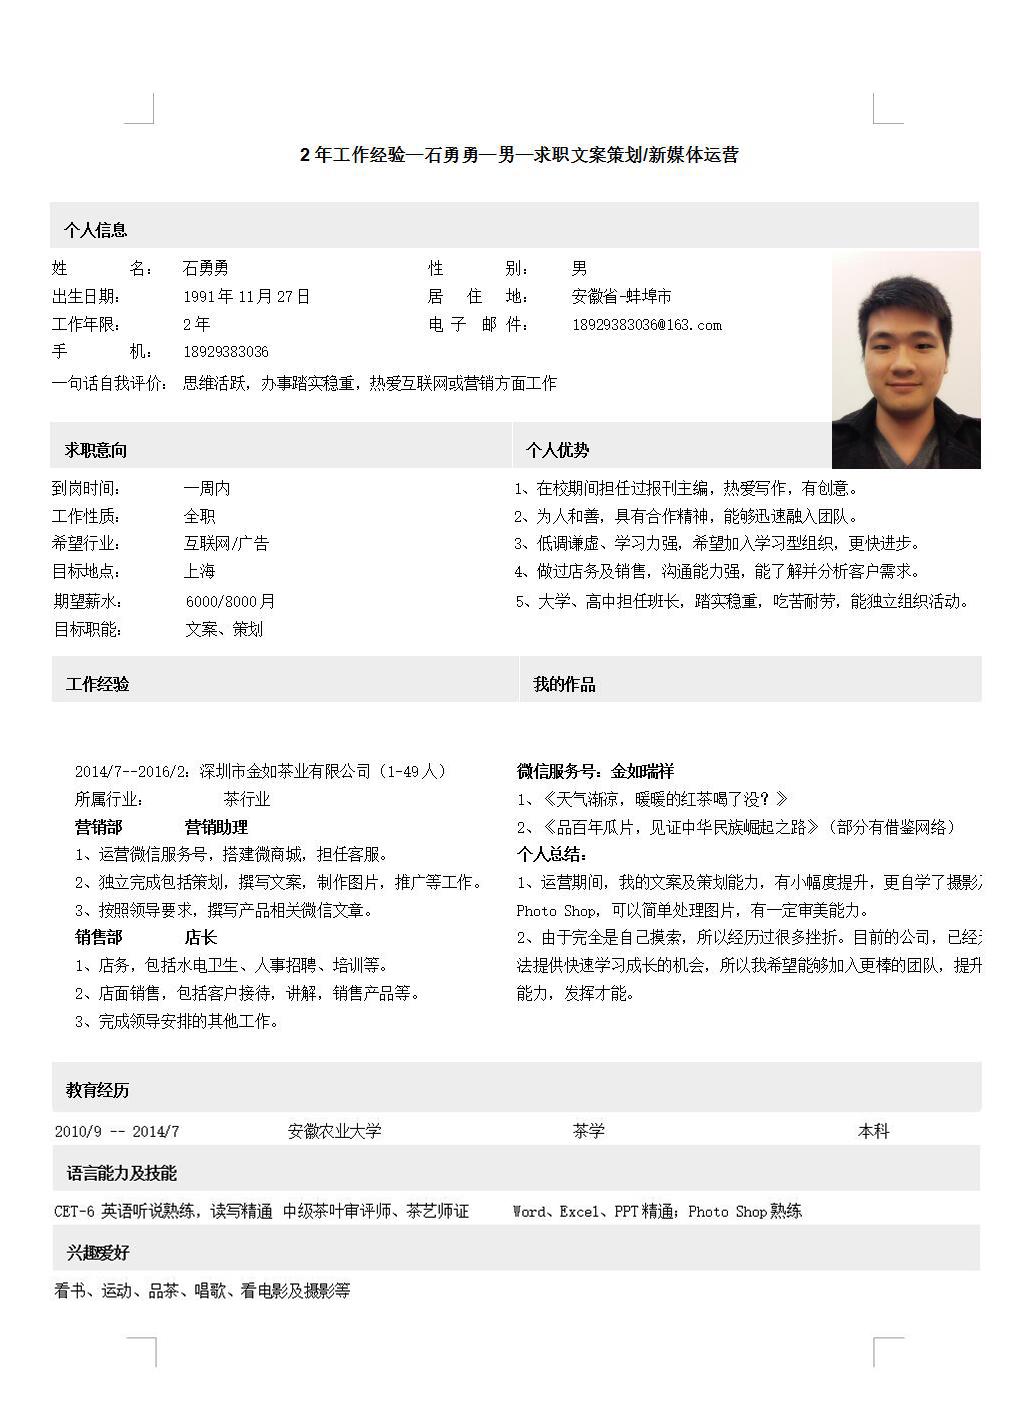 2年茶行业经验—石勇勇—男—求职文案策划或新媒体运营.jpg